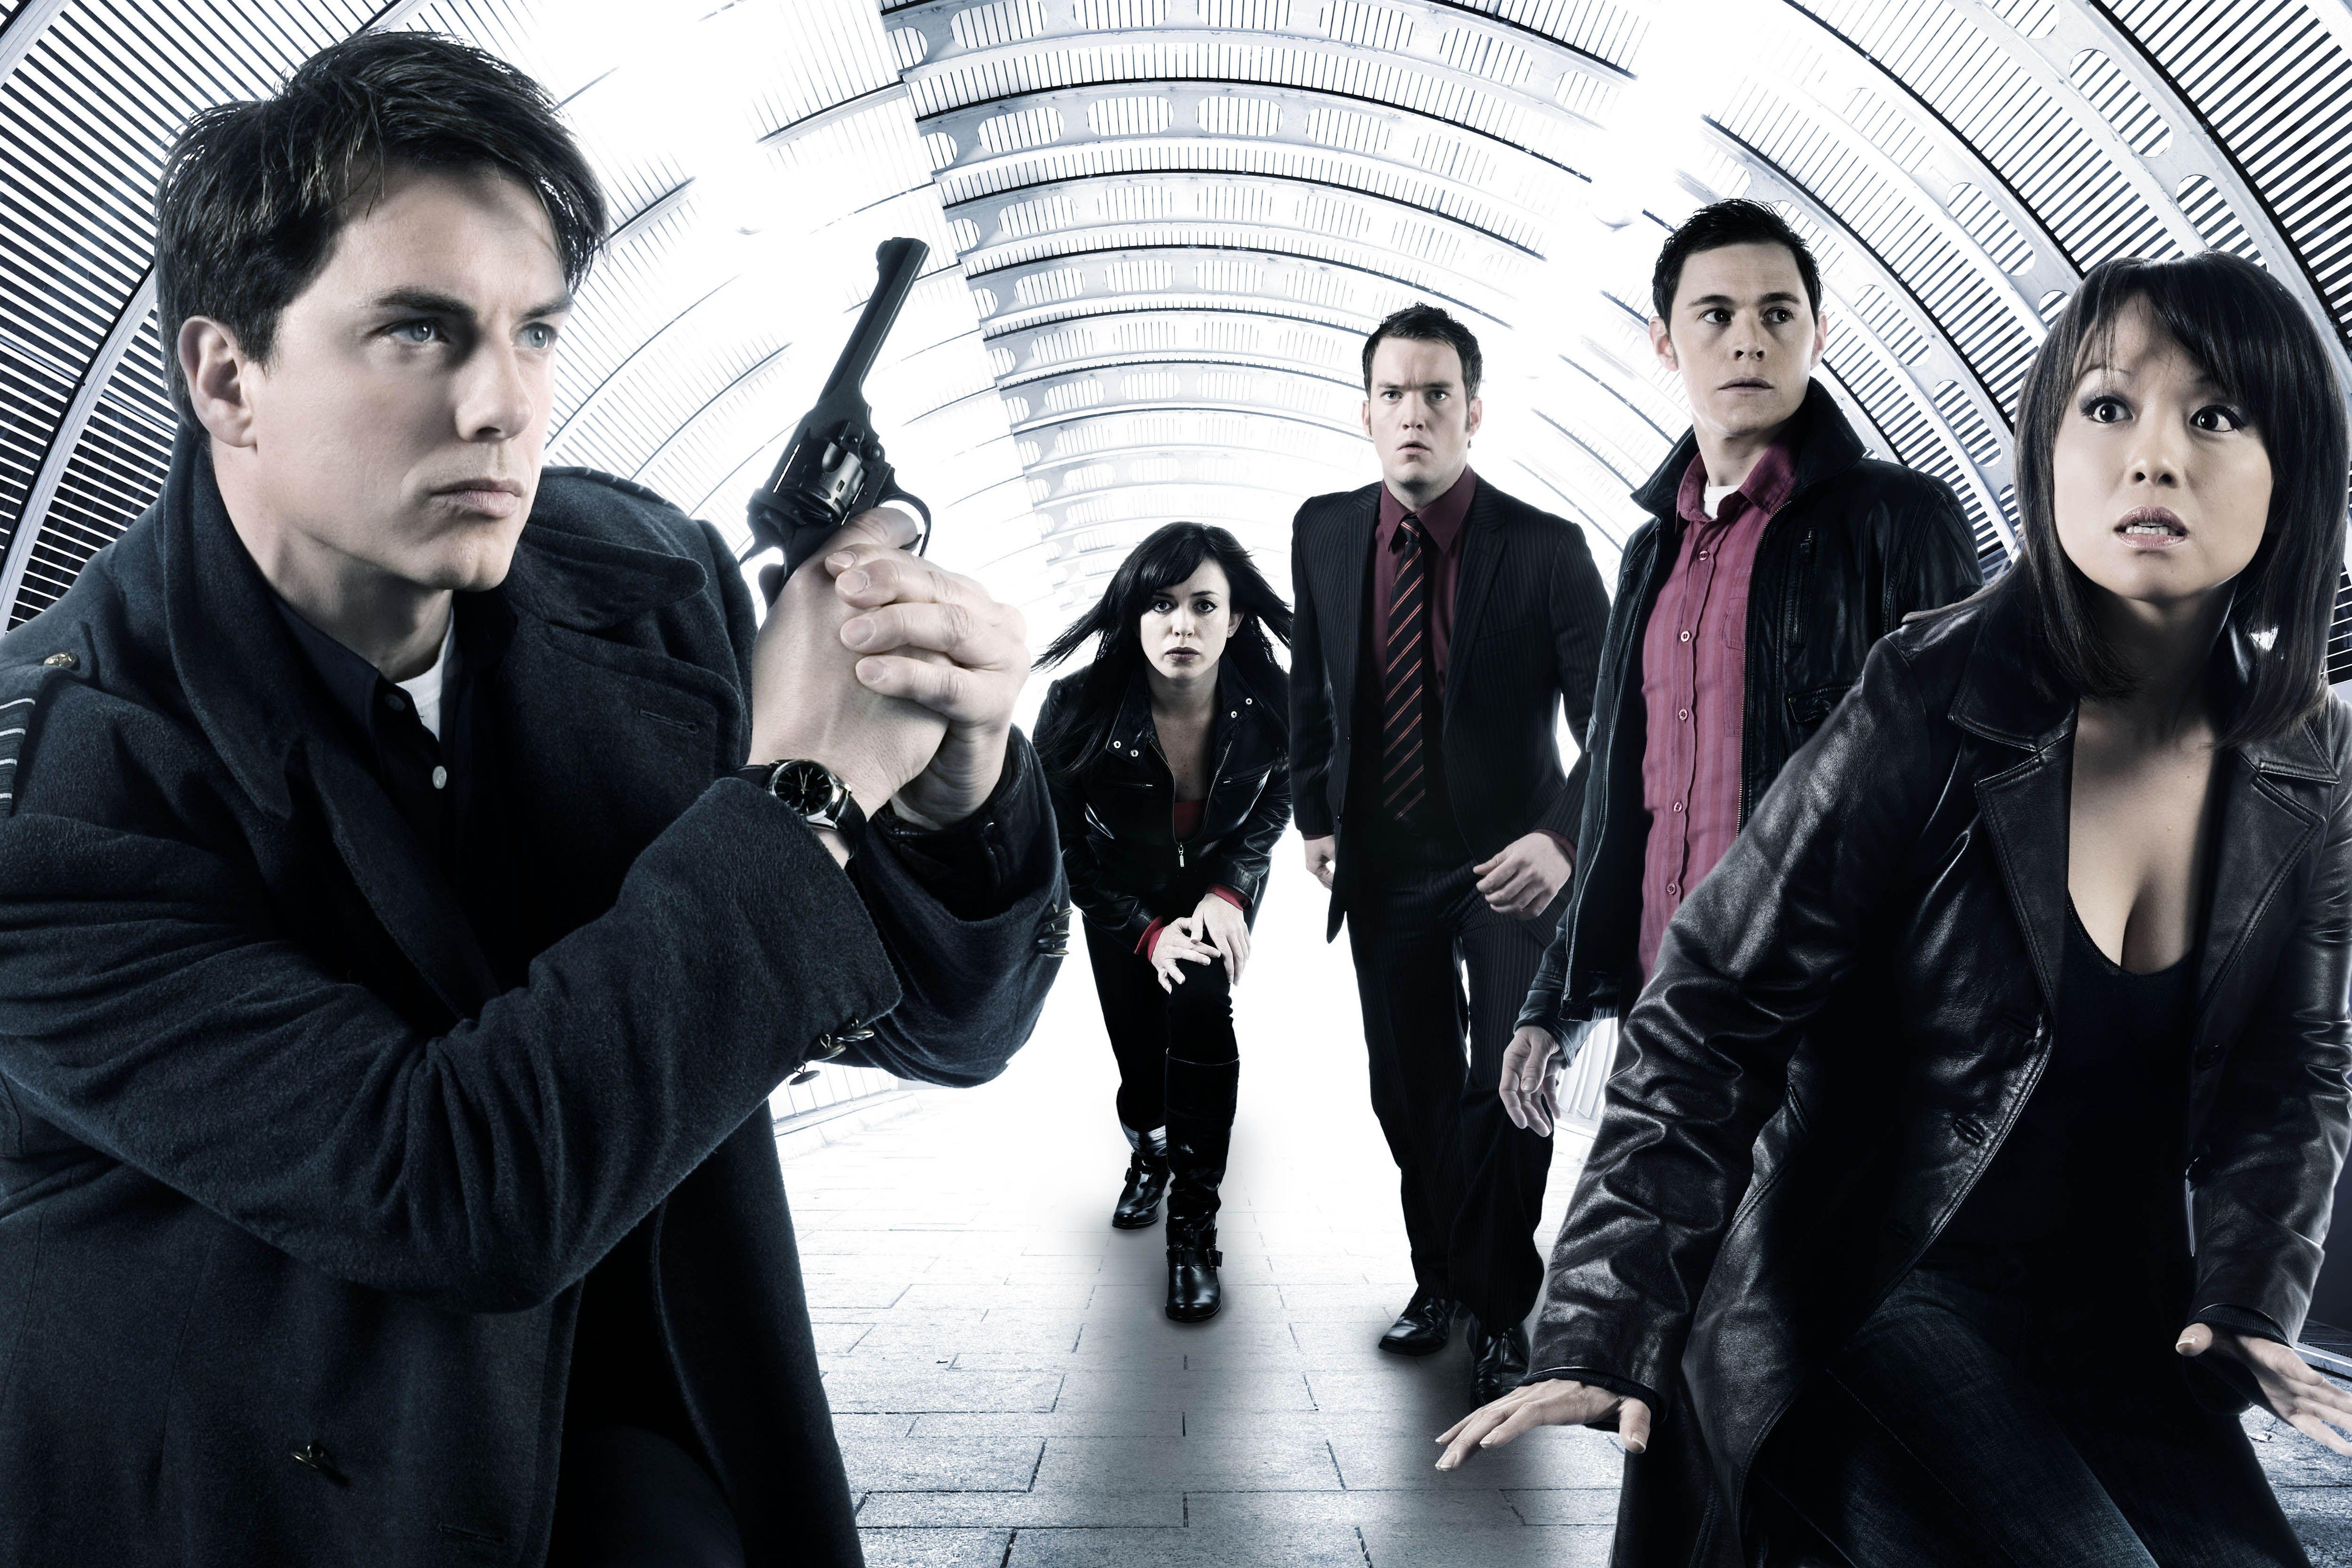 Torchwood - Season 2 Promo